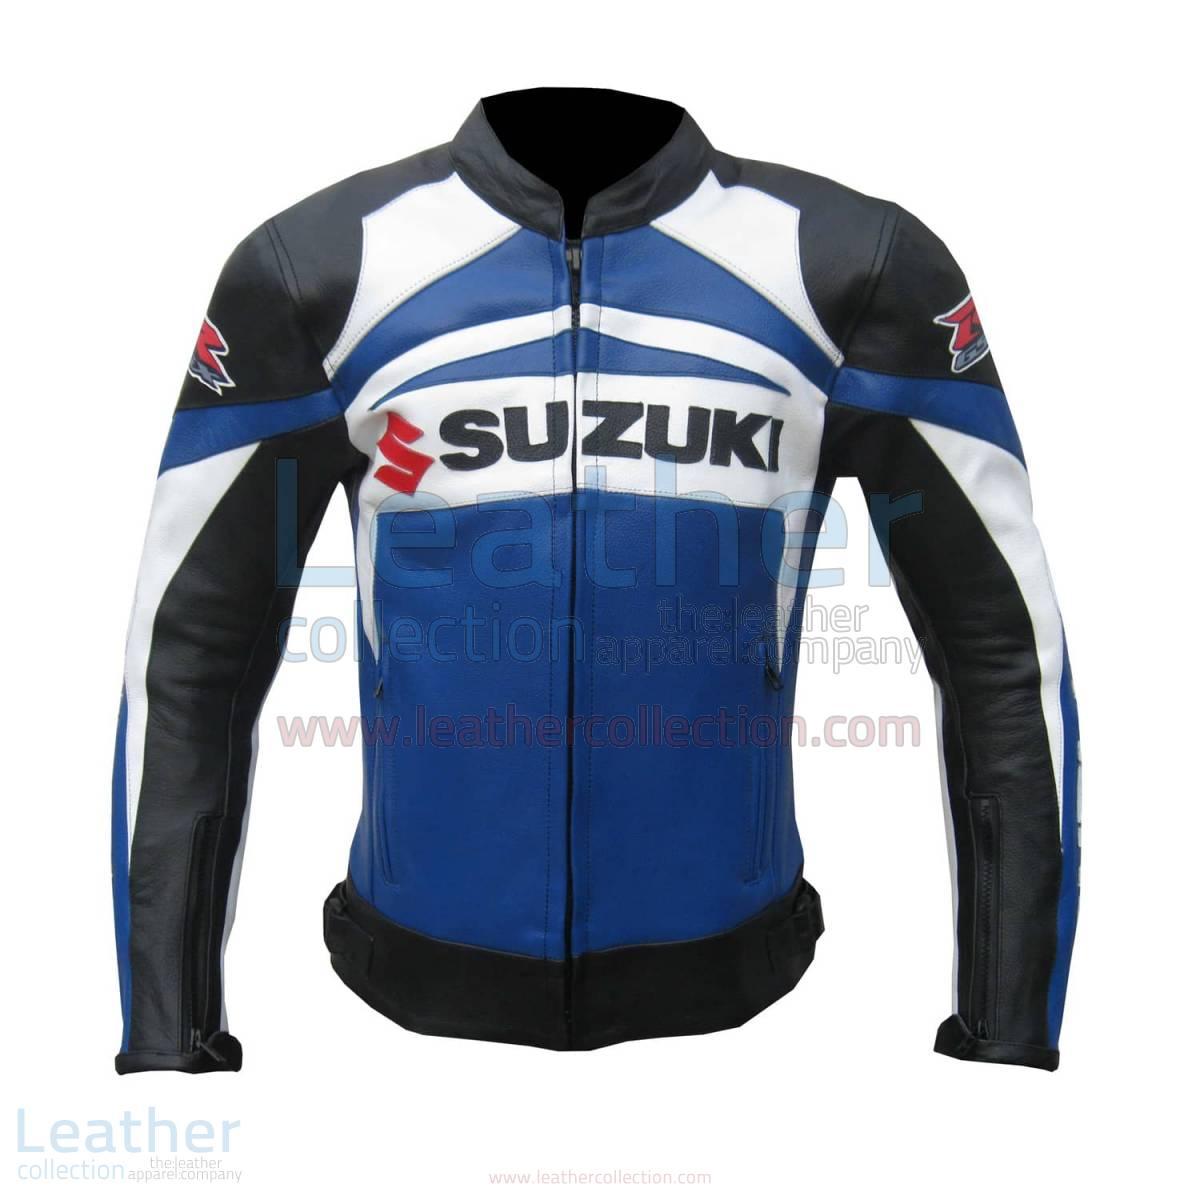 Suzuki GSXR leather jacket